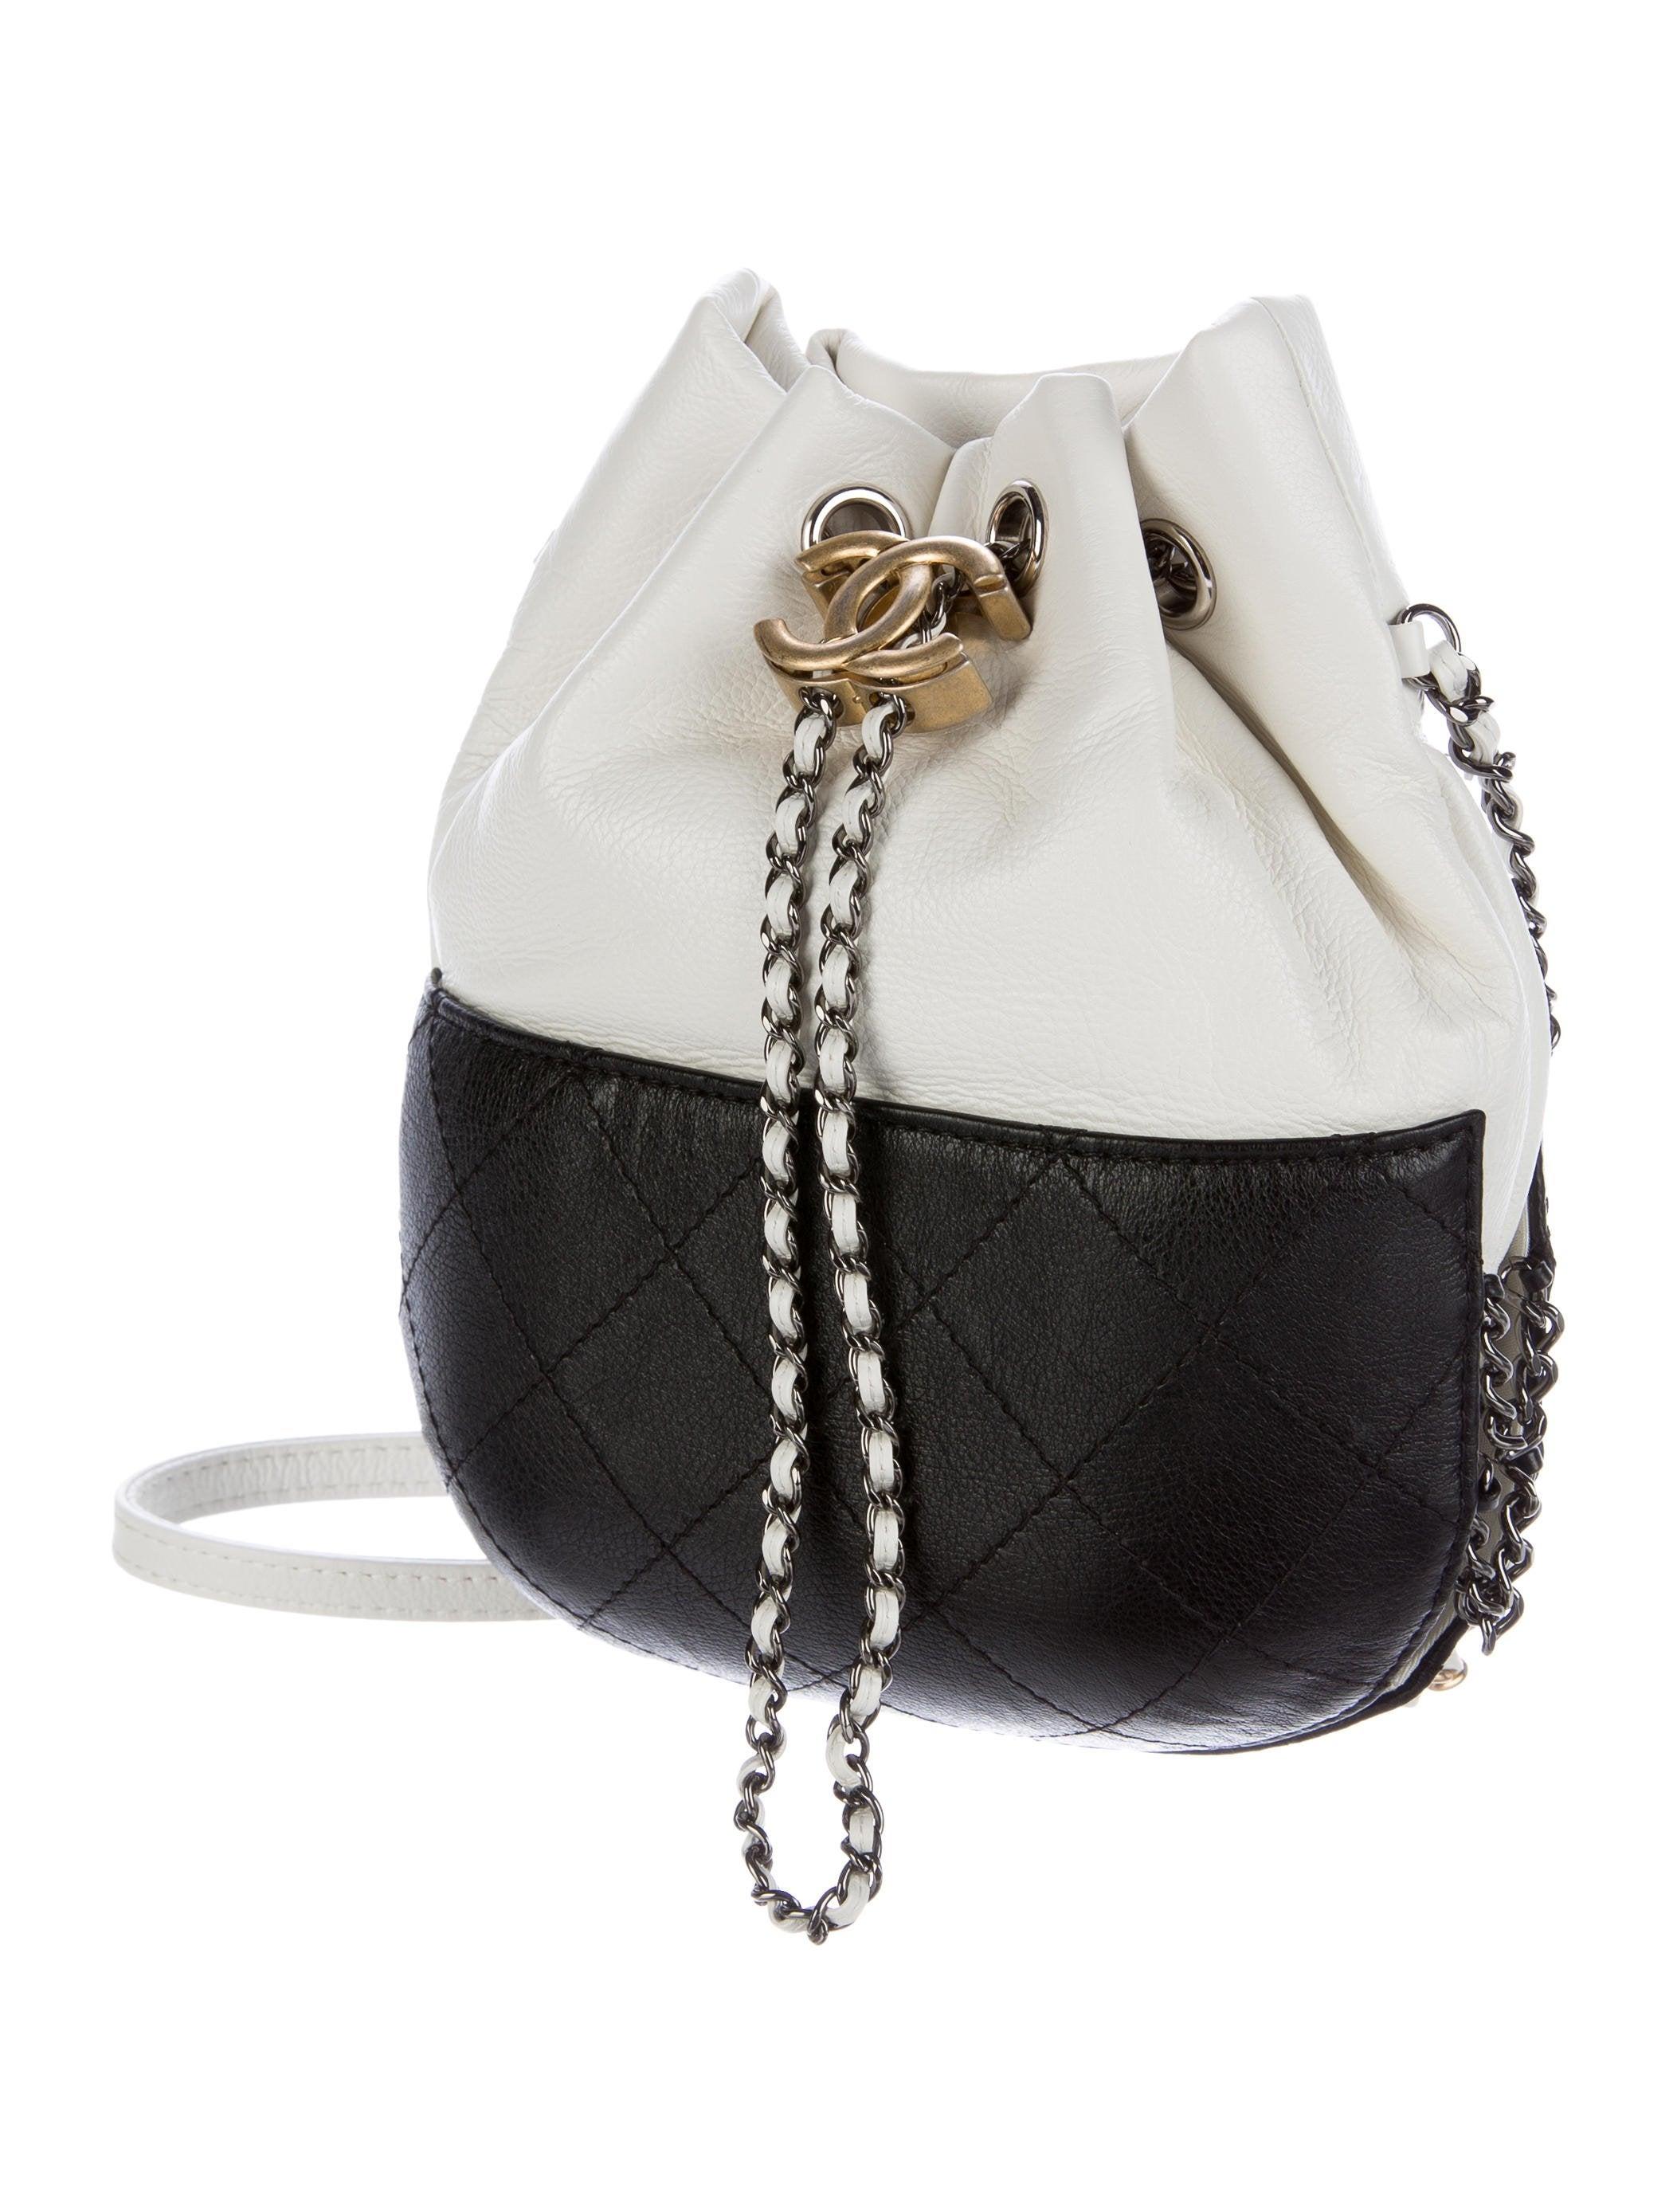 95ce8d6bb6d1 Chanel Bucket Bag 2017 Price. Chanel Summer 2017 Calfskin Gabrielle ...